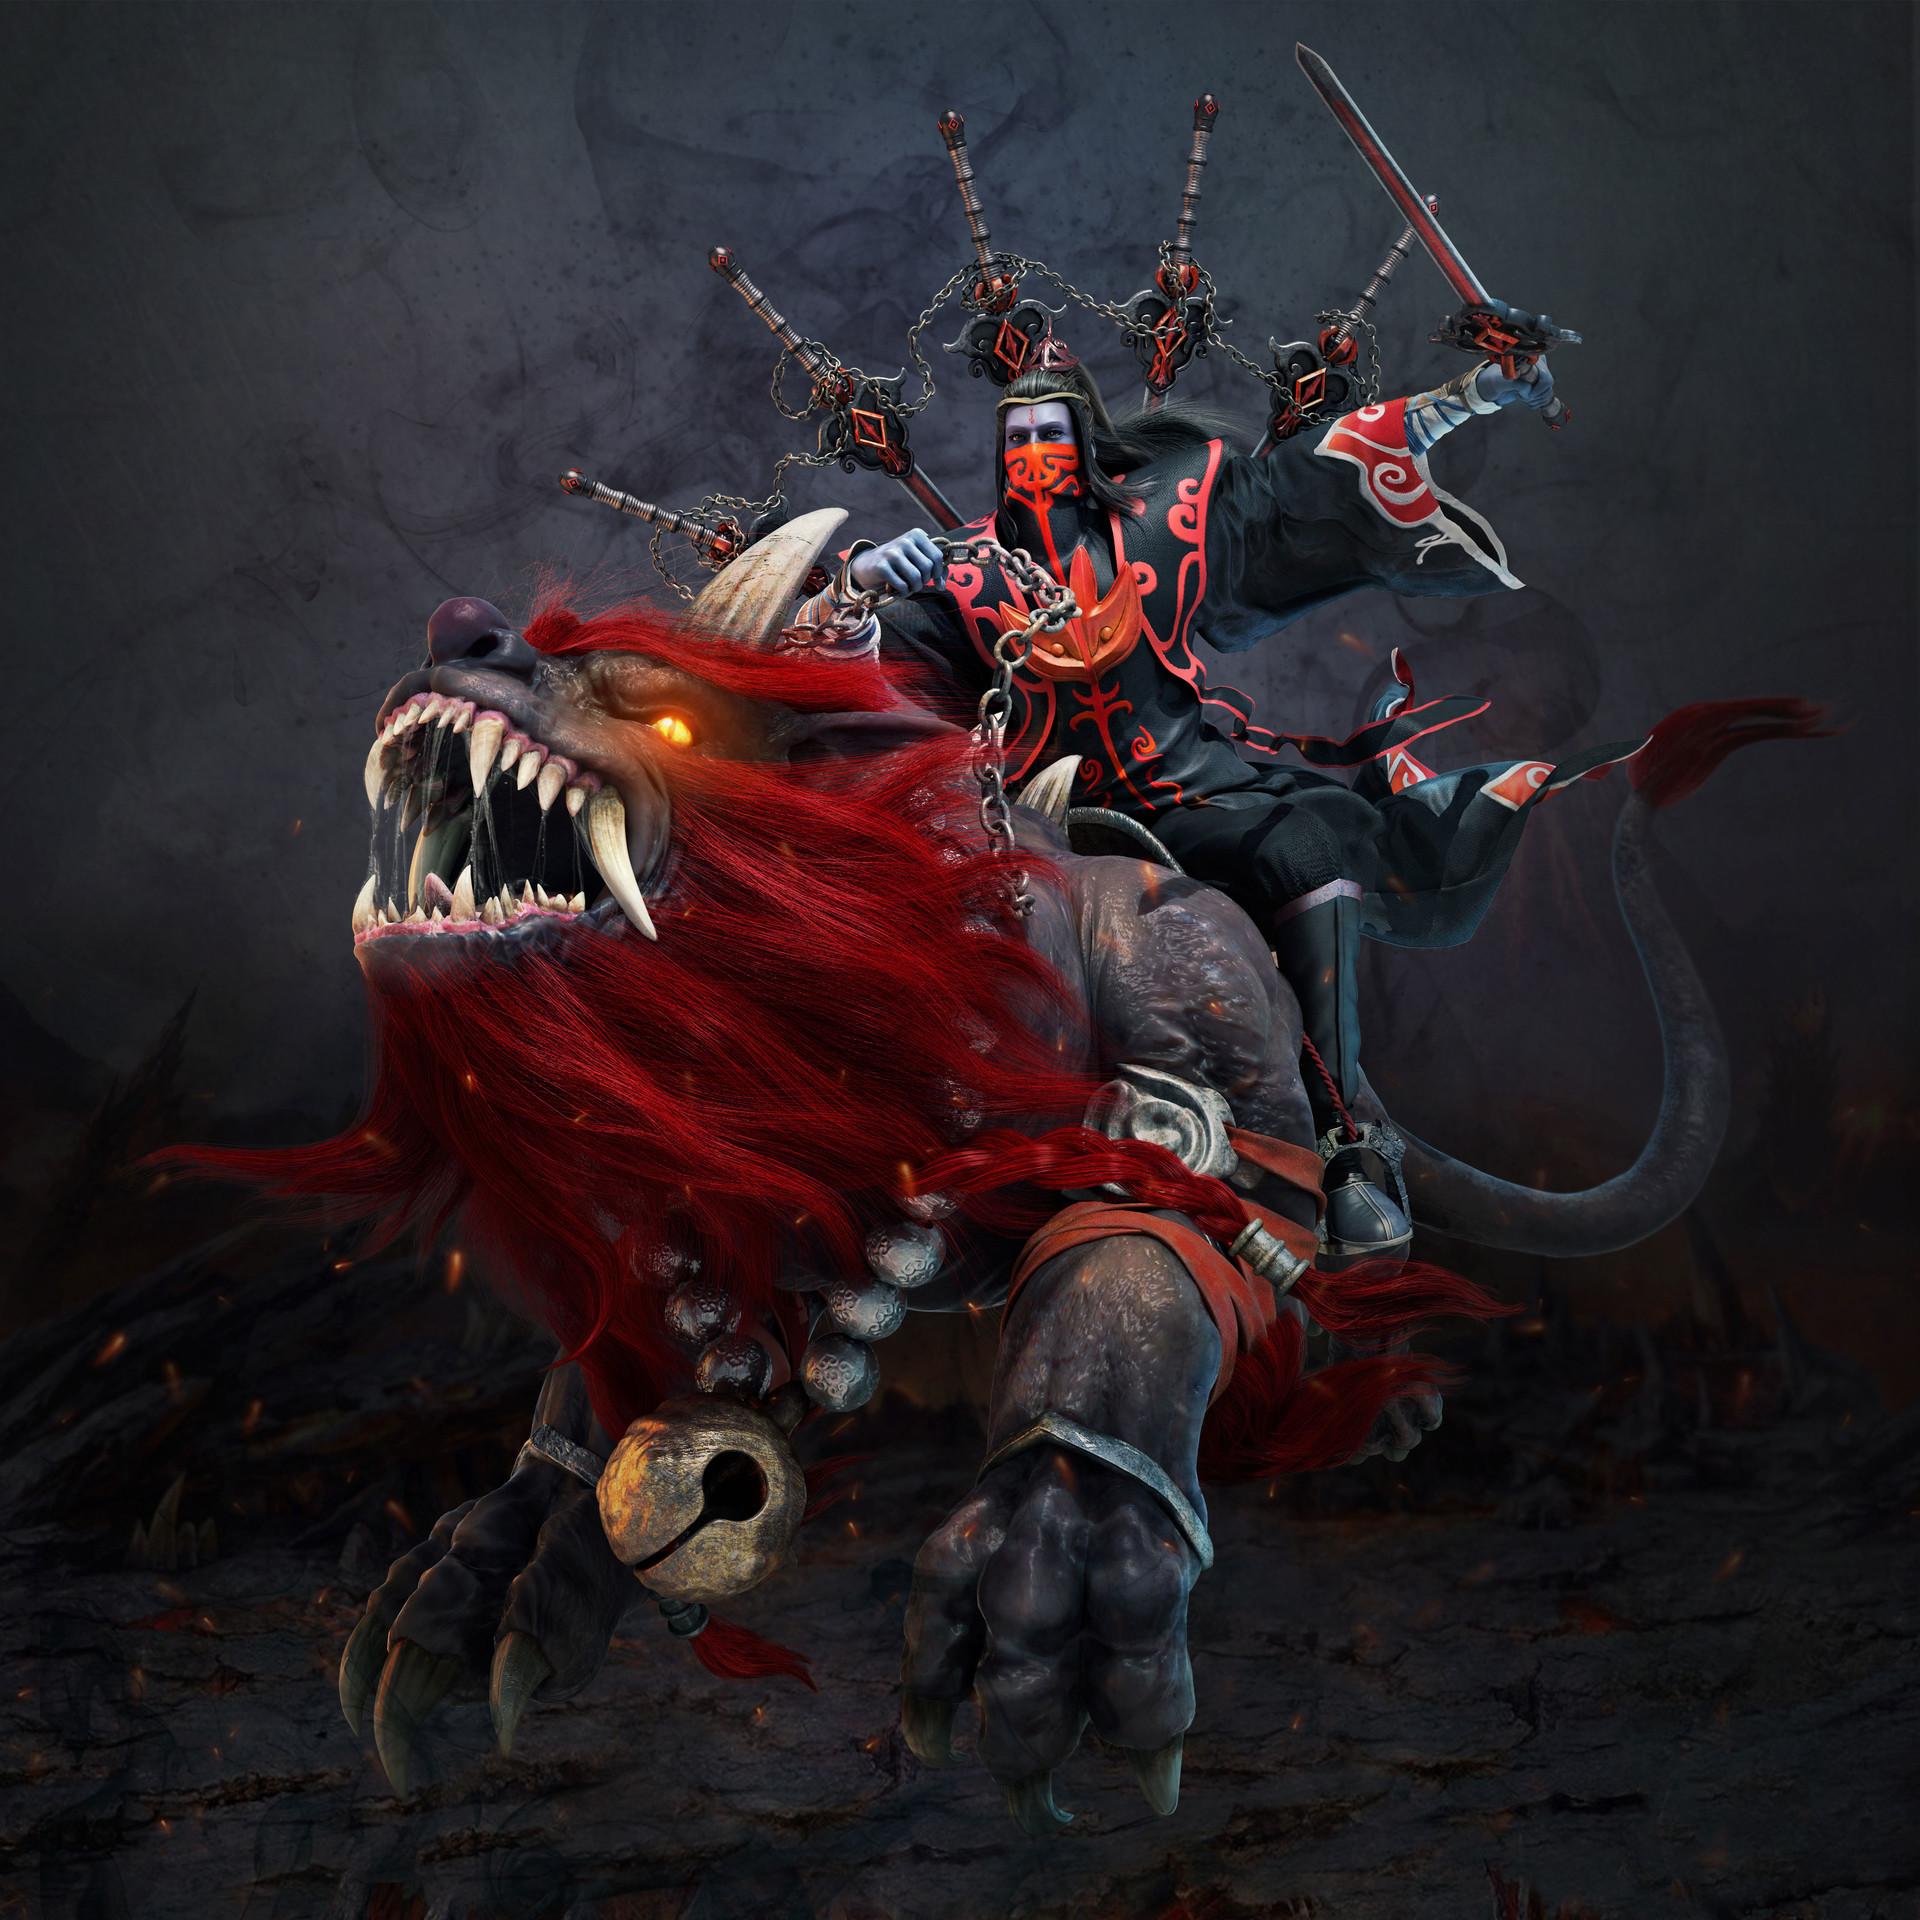 Yonglin yao